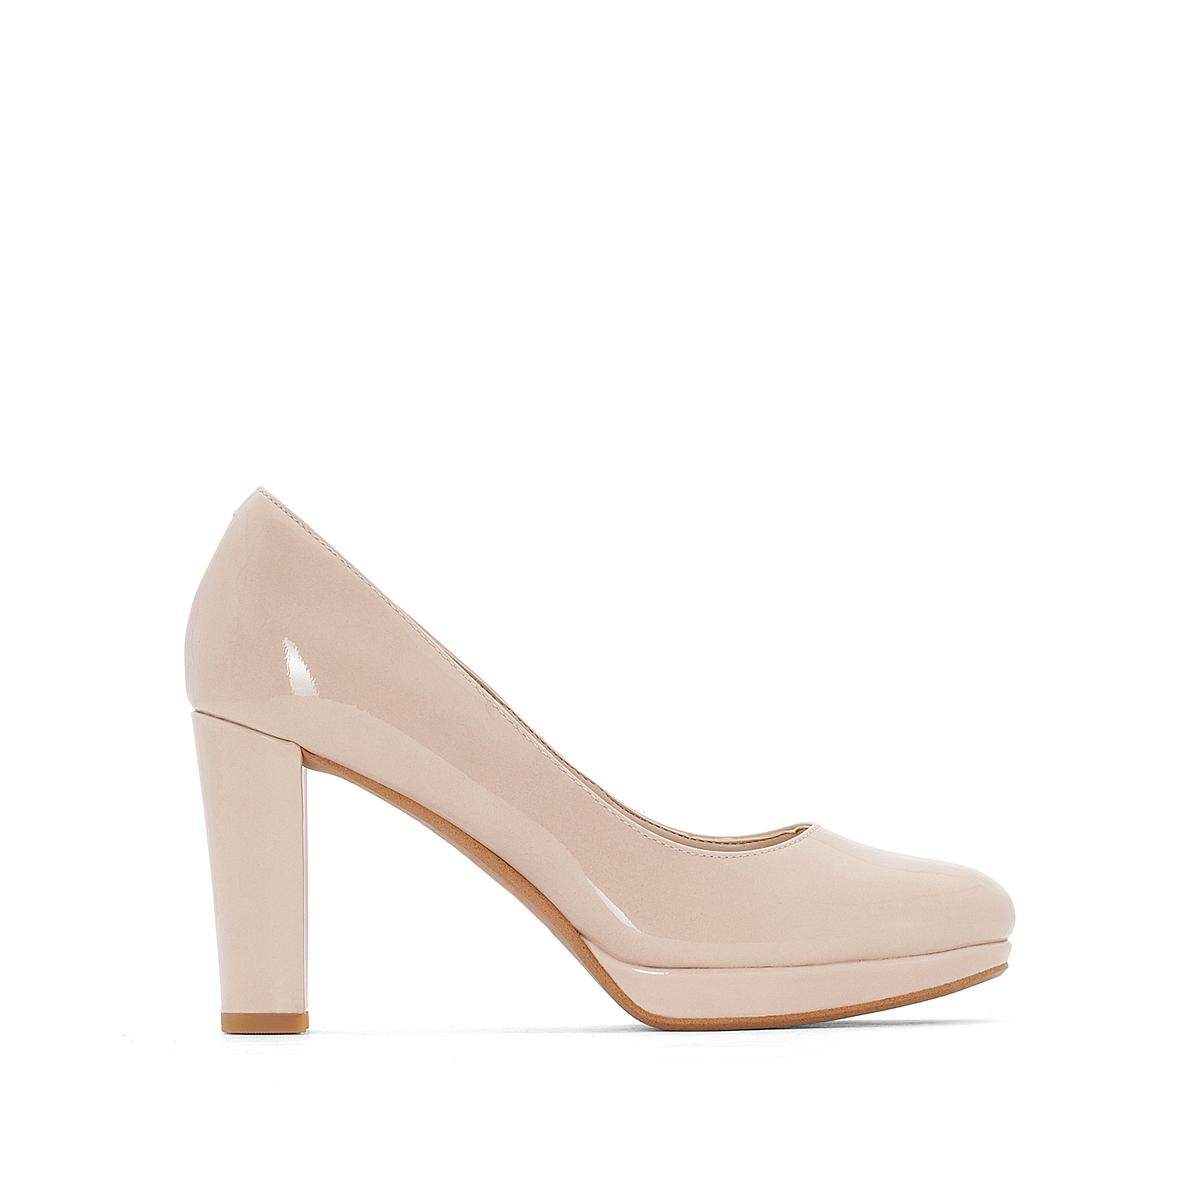 Туфли из лакированной кожи Kendra SiennaВерх : Кожа.   Подкладка : синтетика   Стелька : Кожа.   Подошва : Каучук   Высота каблука : 9 см   Форма каблука : квадратный.   Мысок : закругленный   Застежка : Без застежки<br><br>Цвет: бежевый лак